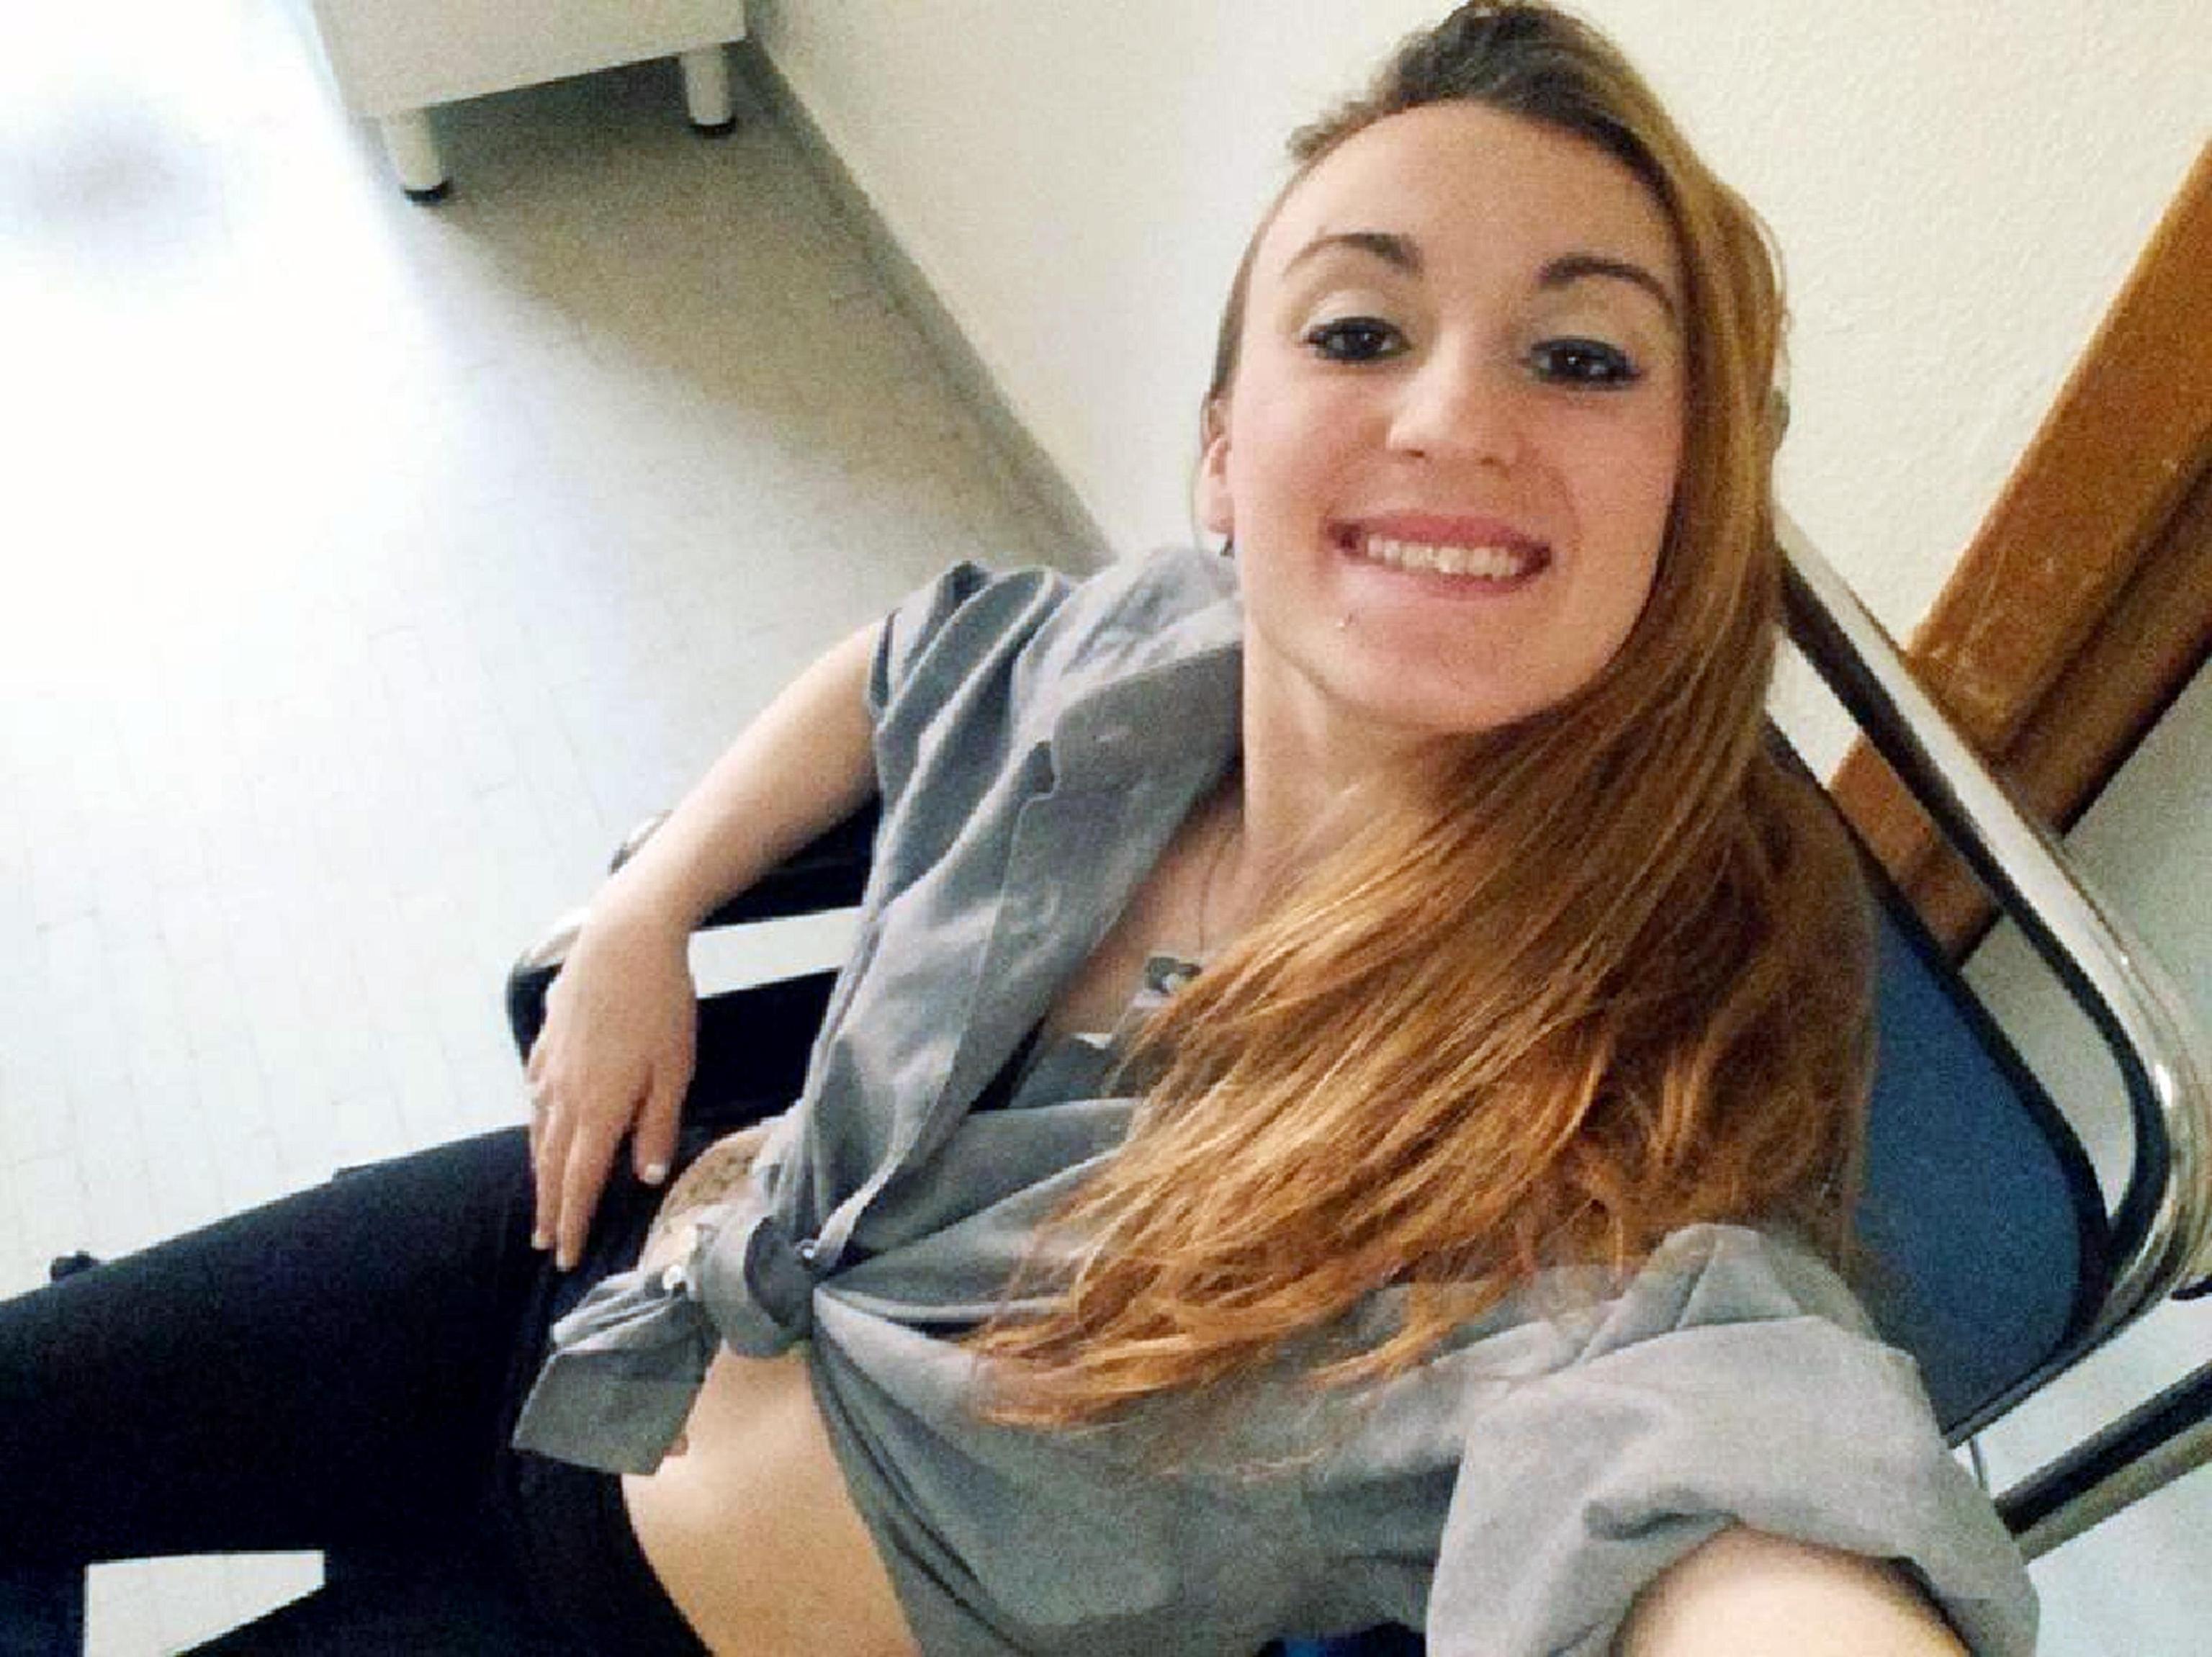 Siracusa, caso Laura Petrolito: uccisa a coltellate e gettata nel pozzo, confessa il fidanzato